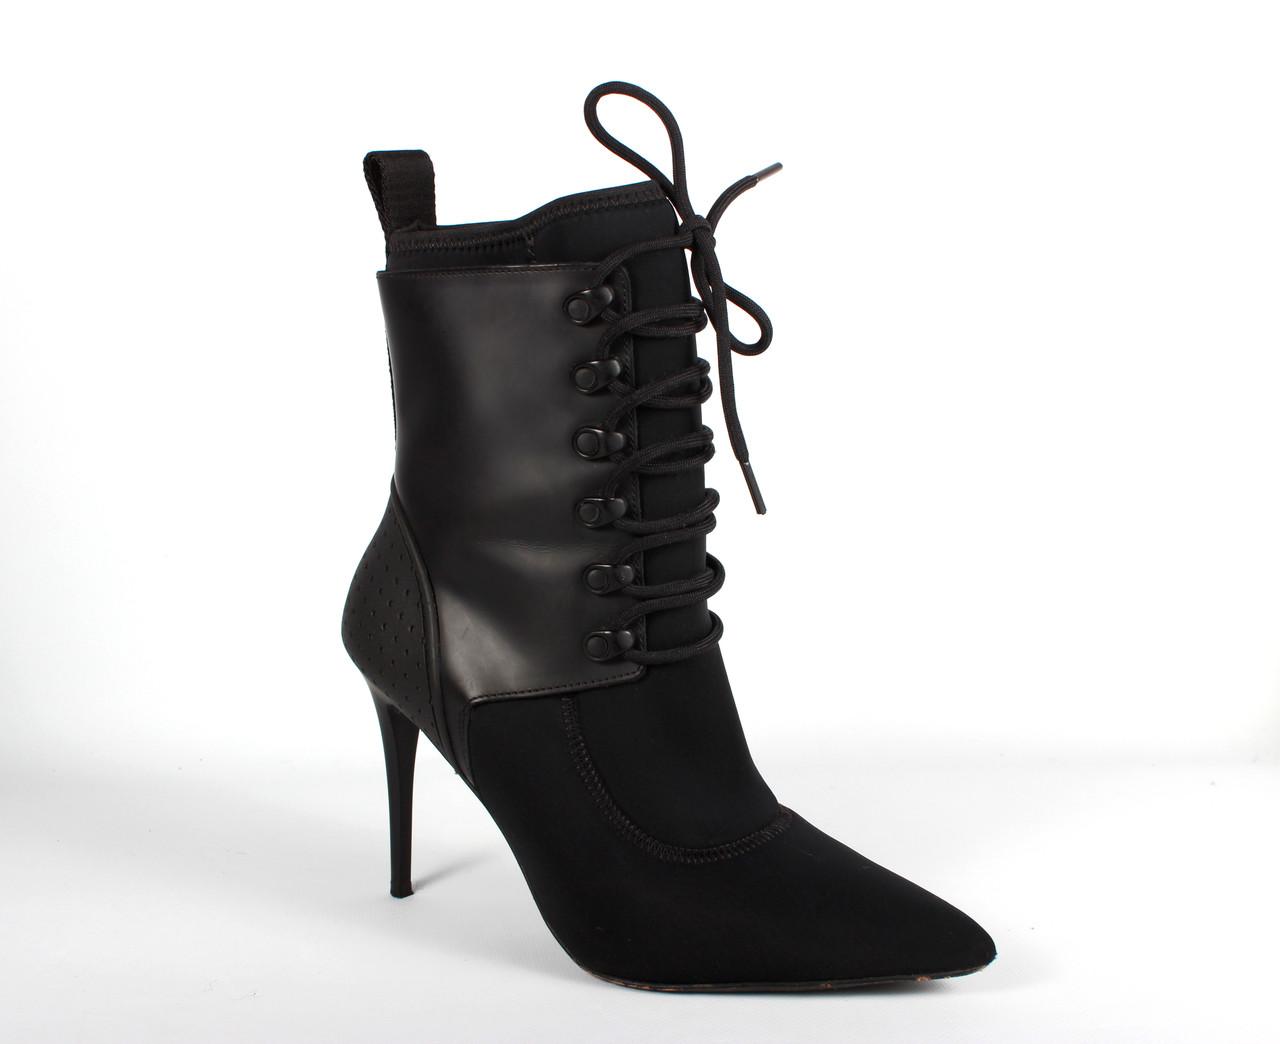 Купить ботинки H M Alexander Wang в комиссионном магазине Киев ... 1e482c7fda4